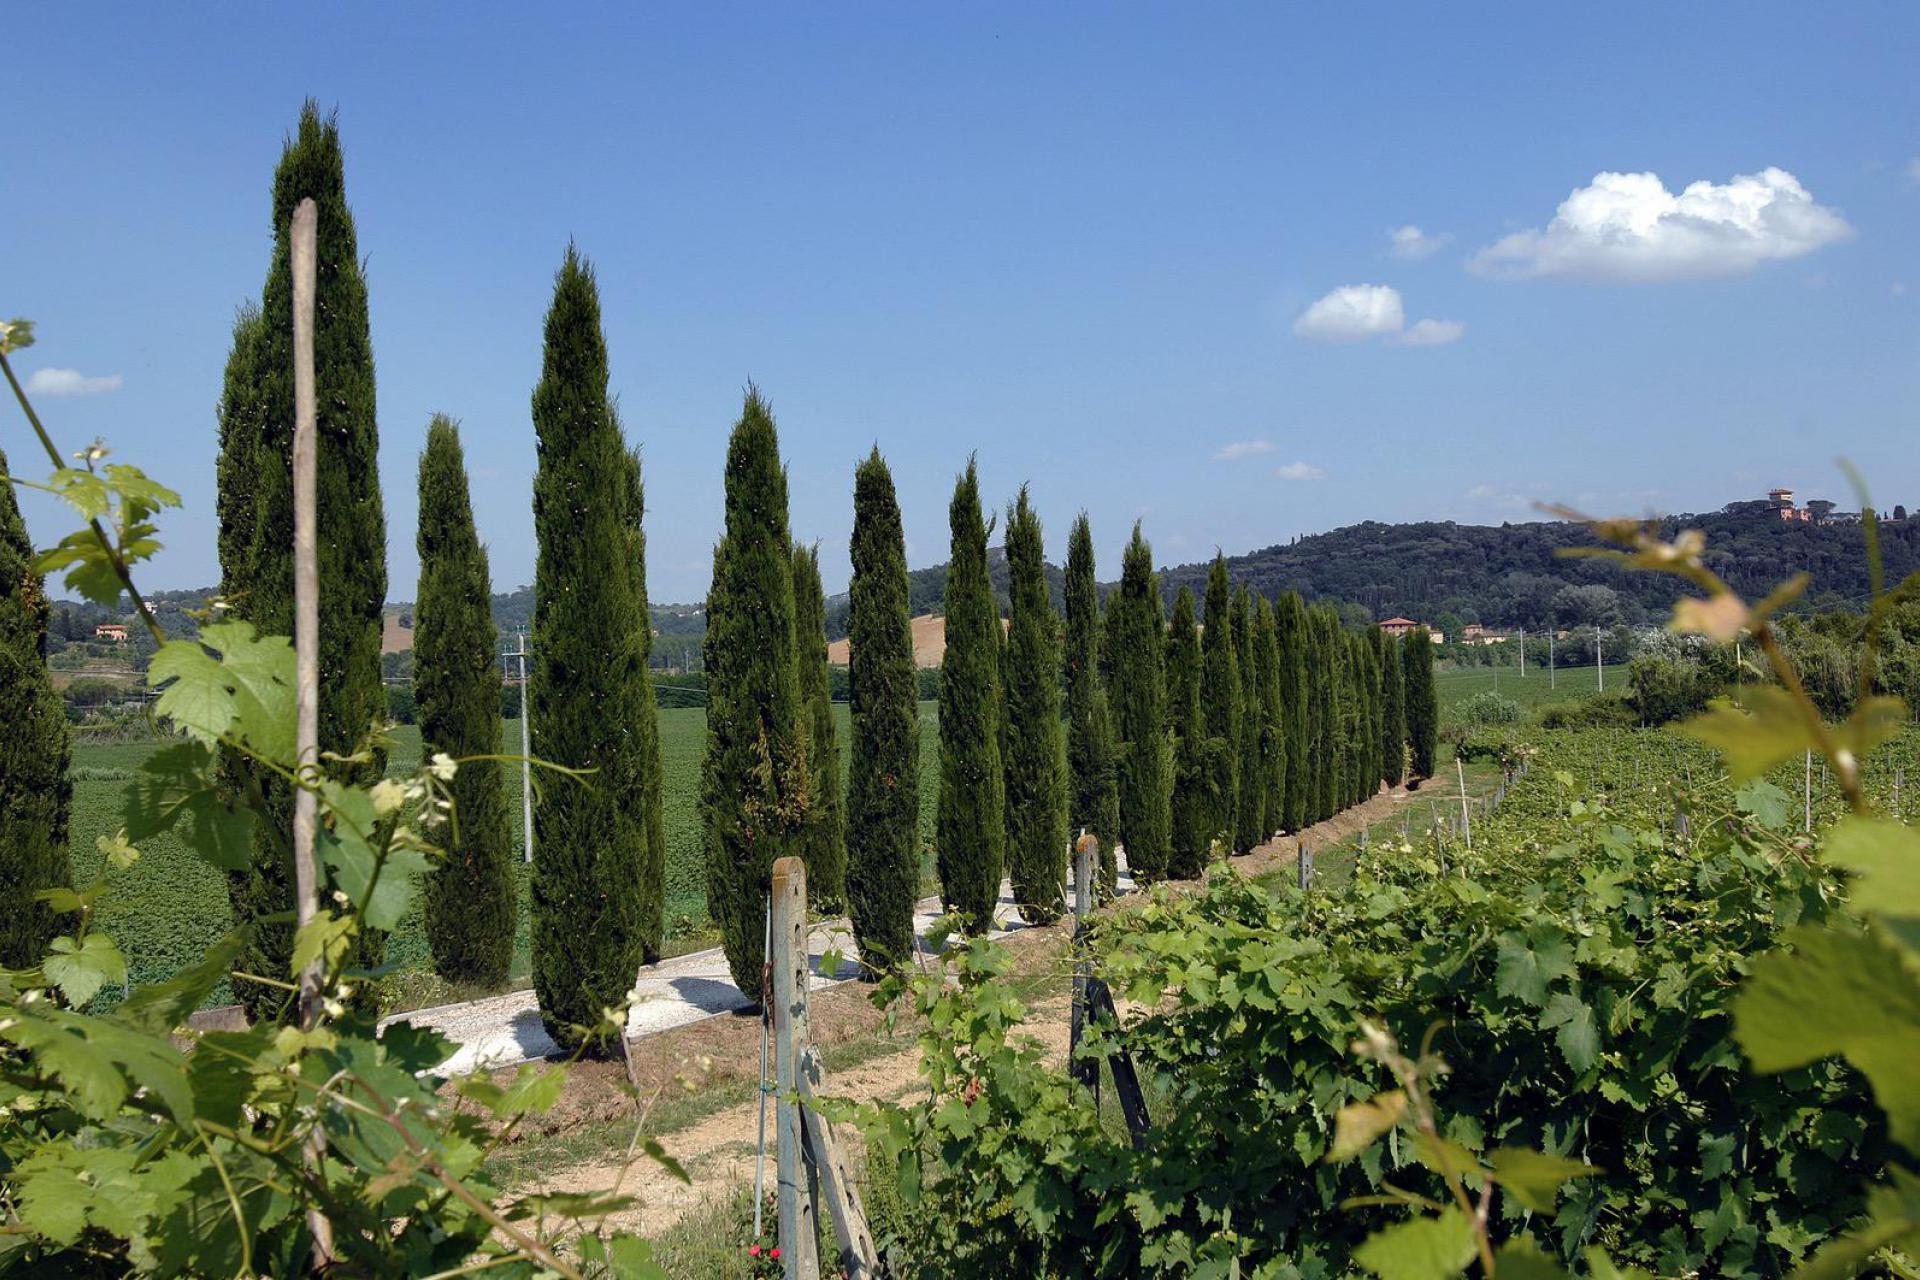 Agriturismo Toscane Agriturismo voor gezinnen met ruim zwembad en kinderbad